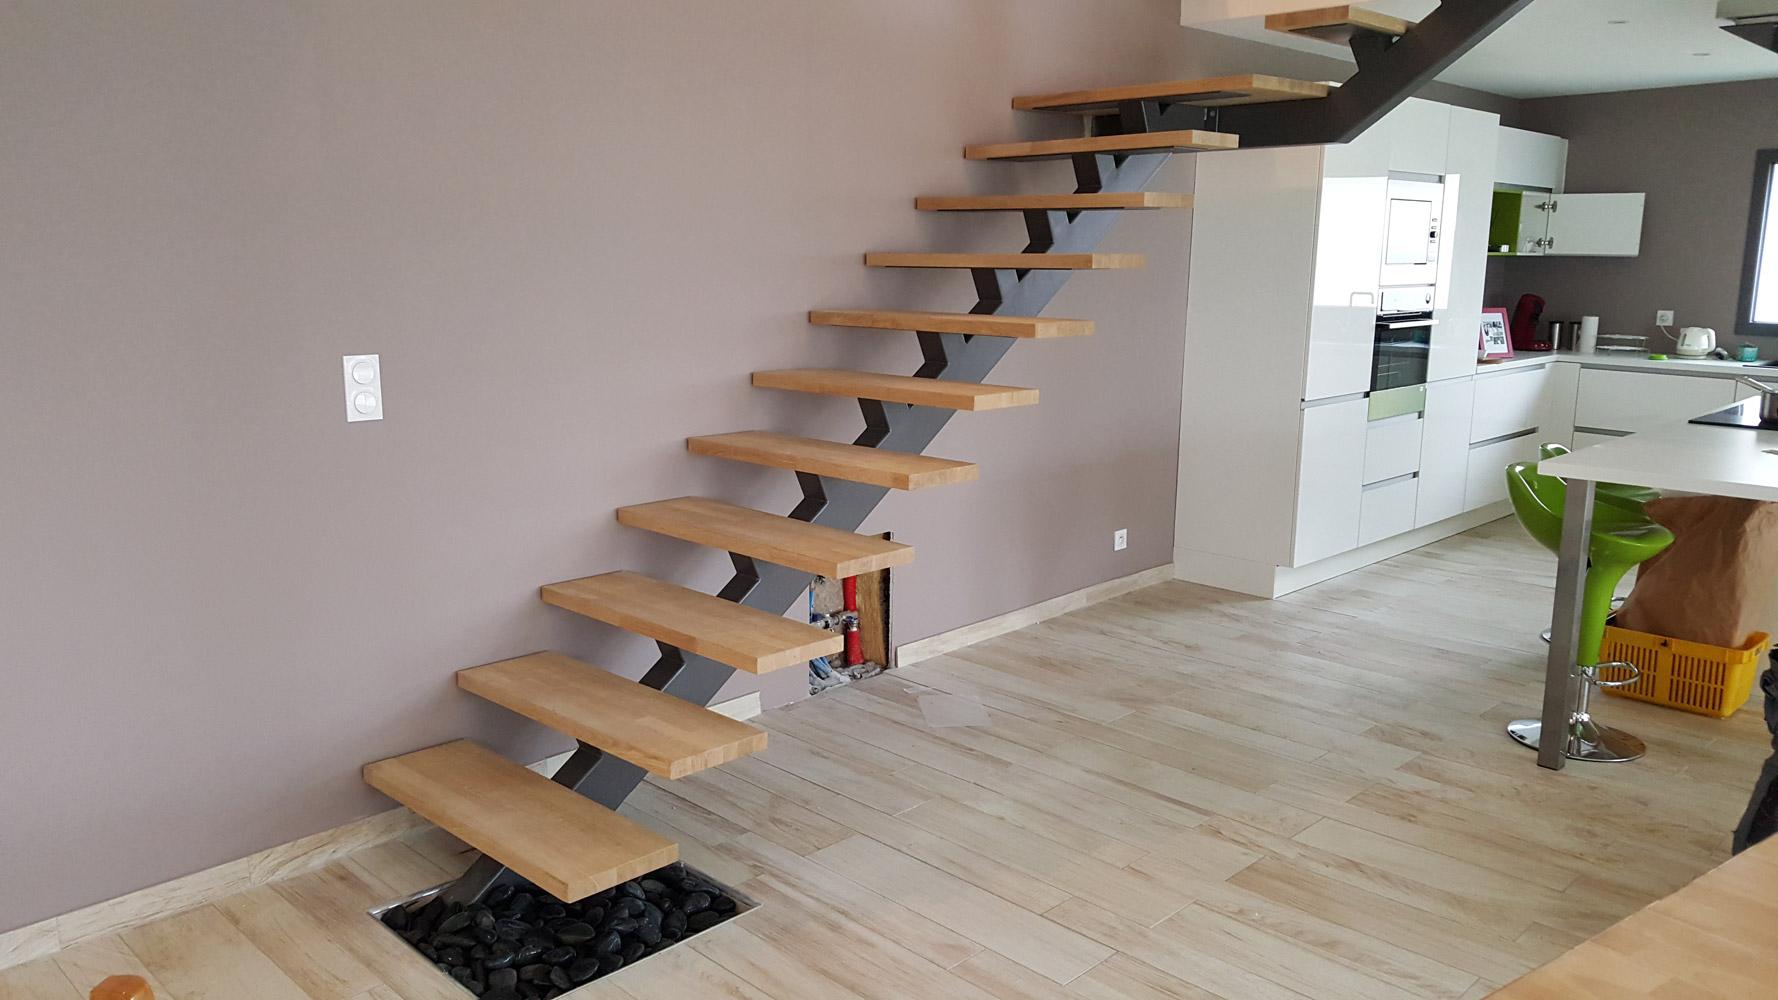 image d escalier escalier exterieur marche chene with image d escalier trendy accueil with. Black Bedroom Furniture Sets. Home Design Ideas